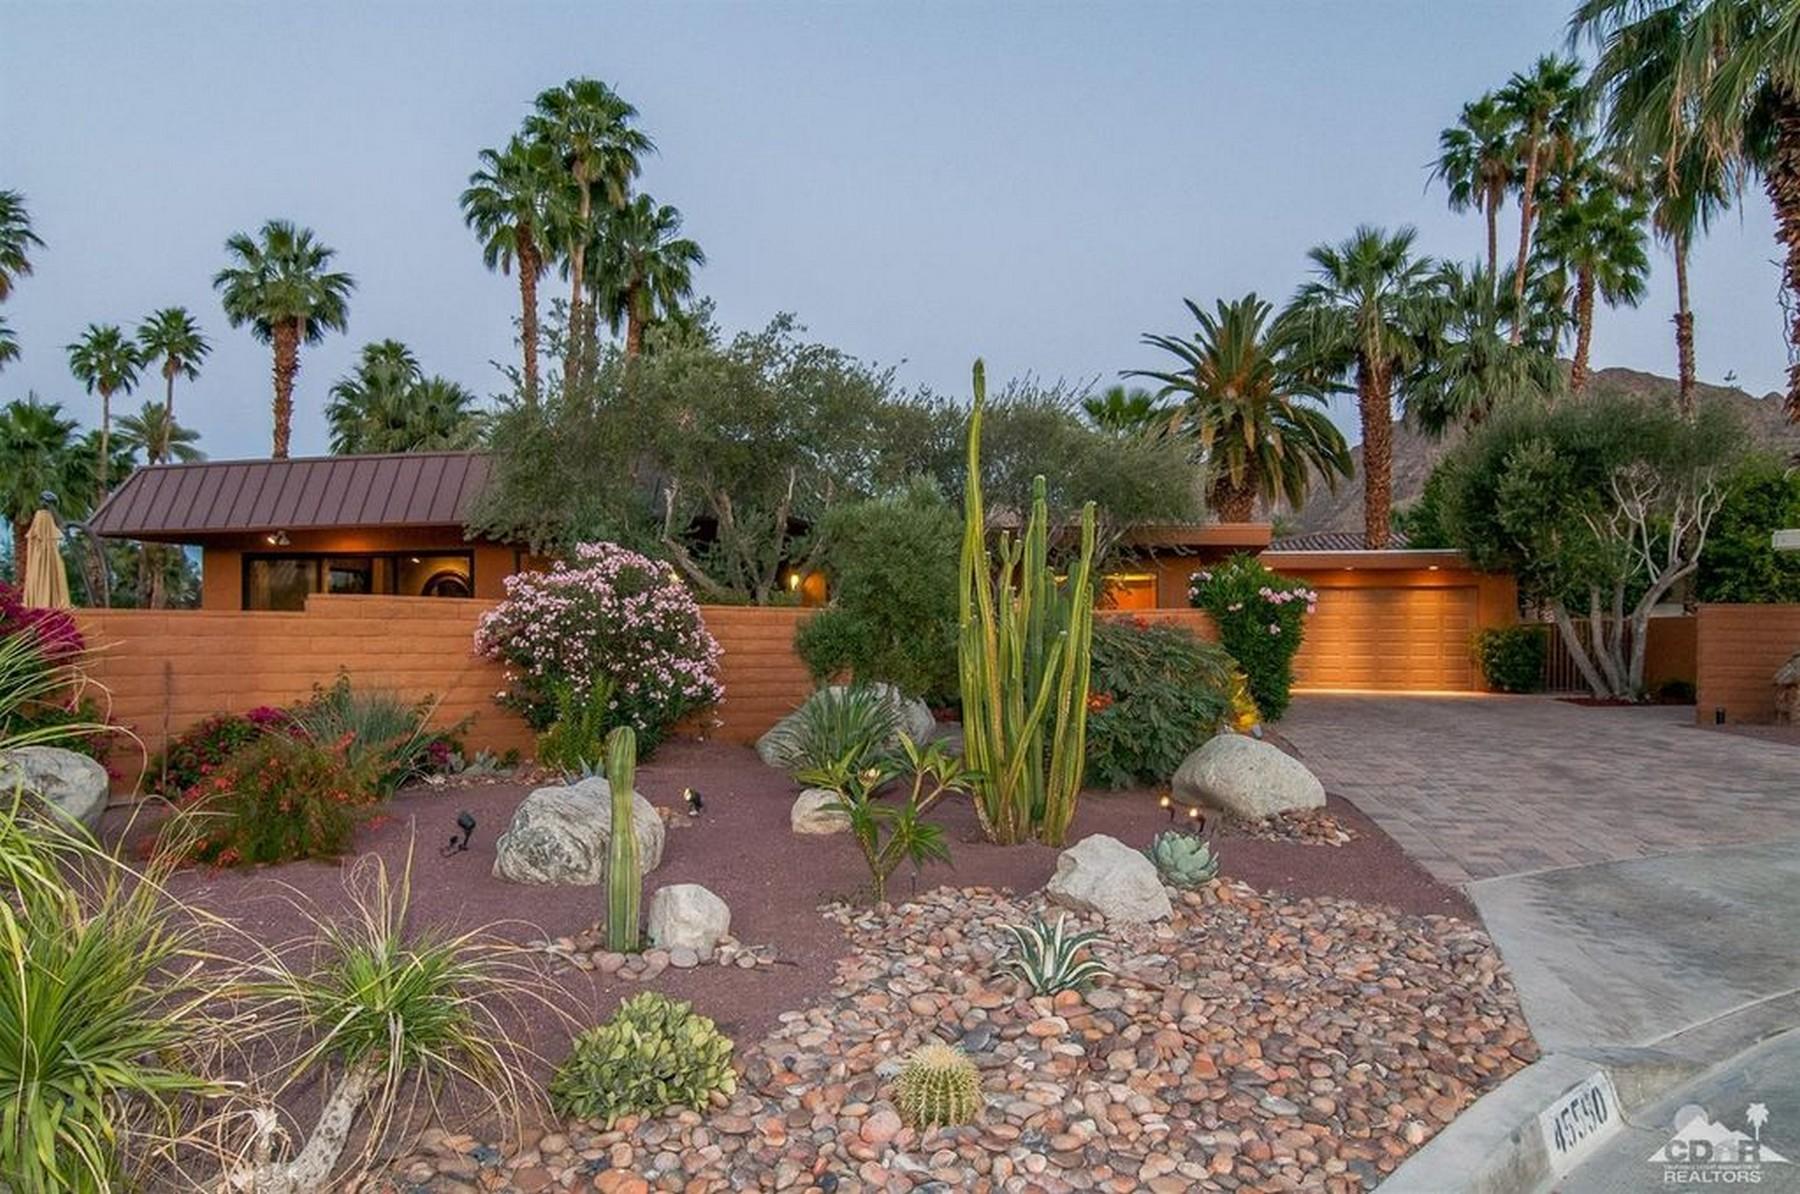 Einfamilienhaus für Verkauf beim 45550 Kawea Way Indian Wells, Kalifornien, 92210 Vereinigte Staaten